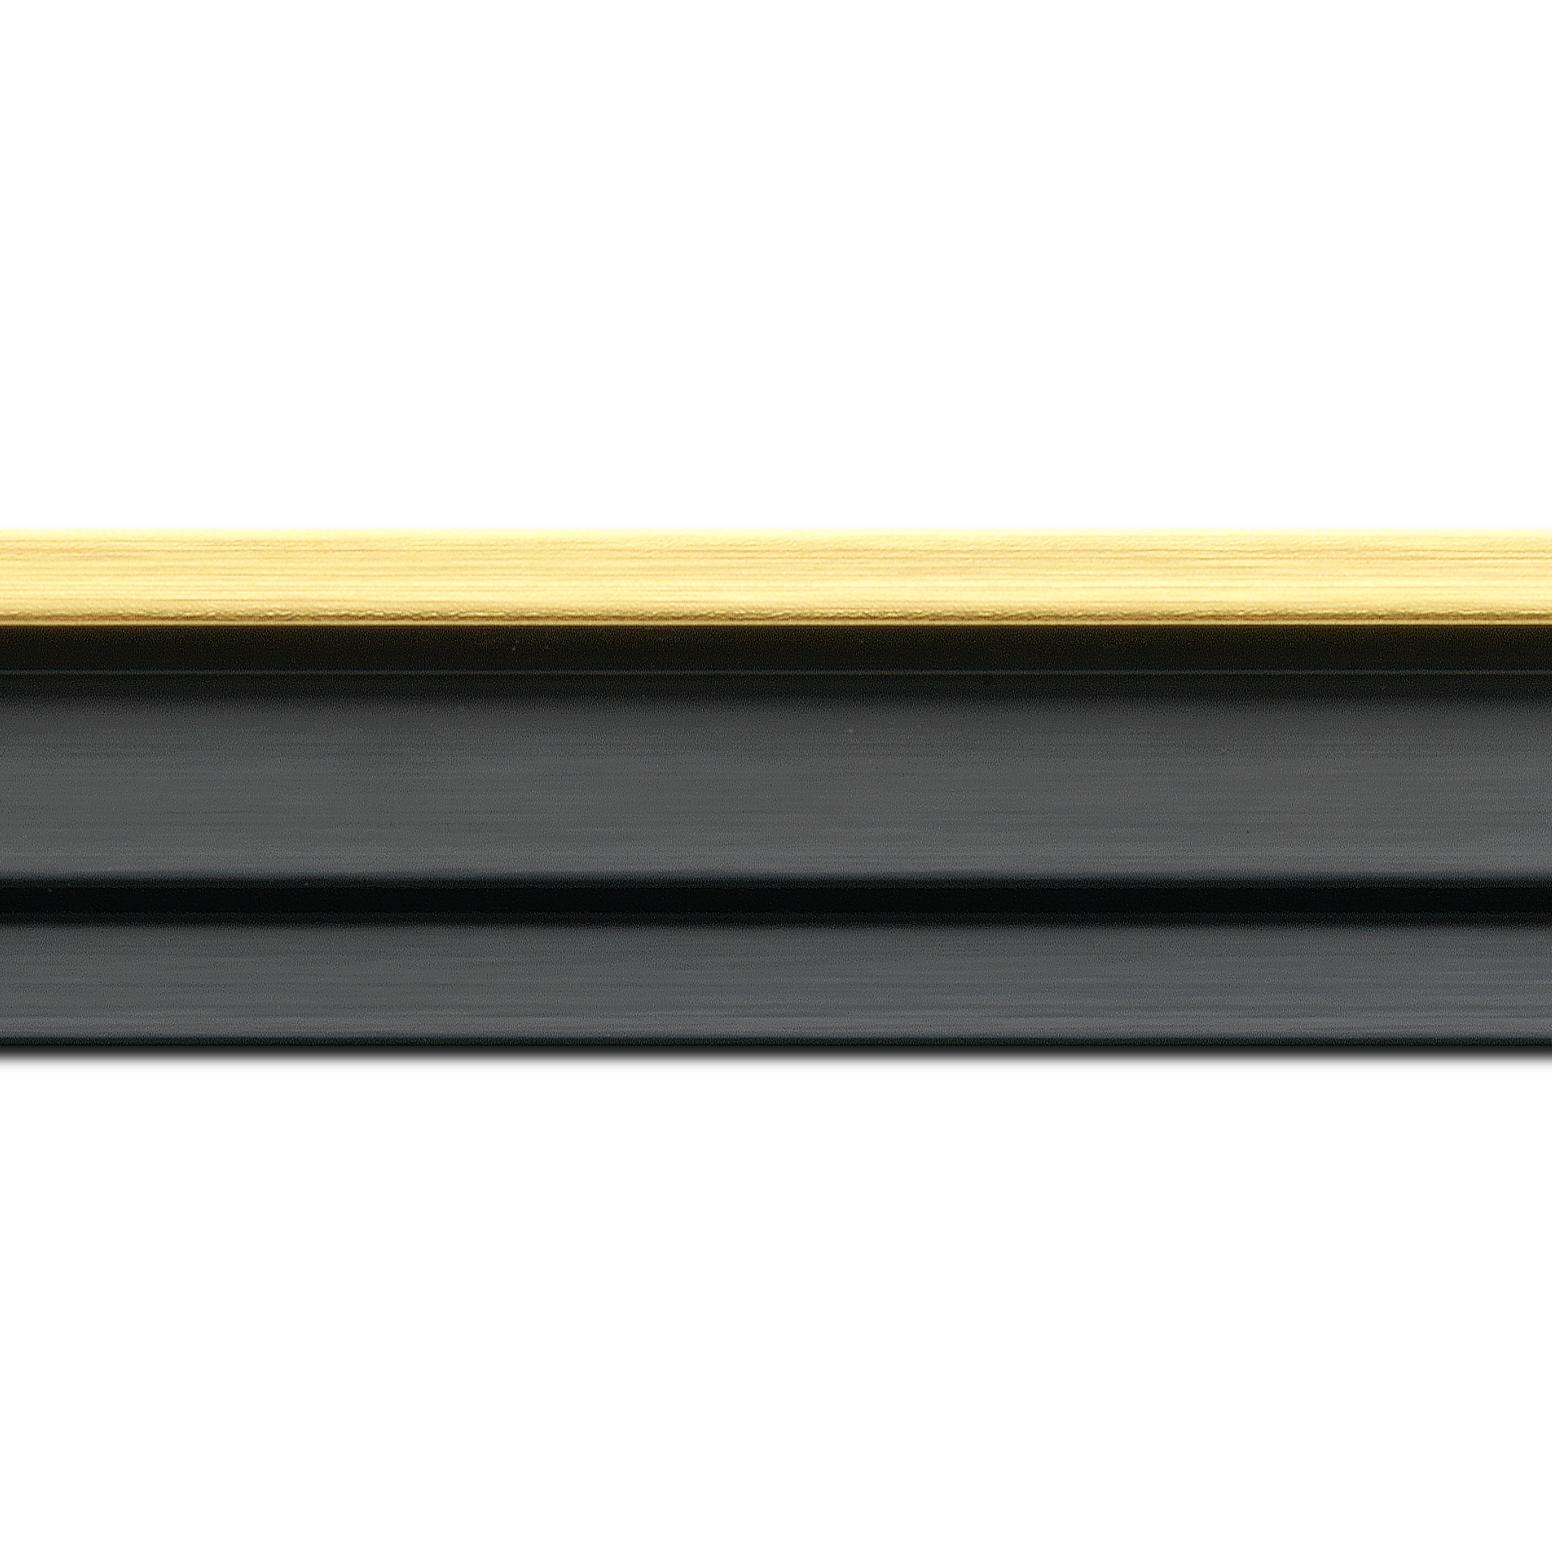 Pack par 12m, bois caisse américaine profil escalier largeur 4.4cm noir mat  filet or (spécialement conçu pour les châssis d'une épaisseur jusqu'à 2.5cm )(longueur baguette pouvant varier entre 2.40m et 3m selon arrivage des bois)